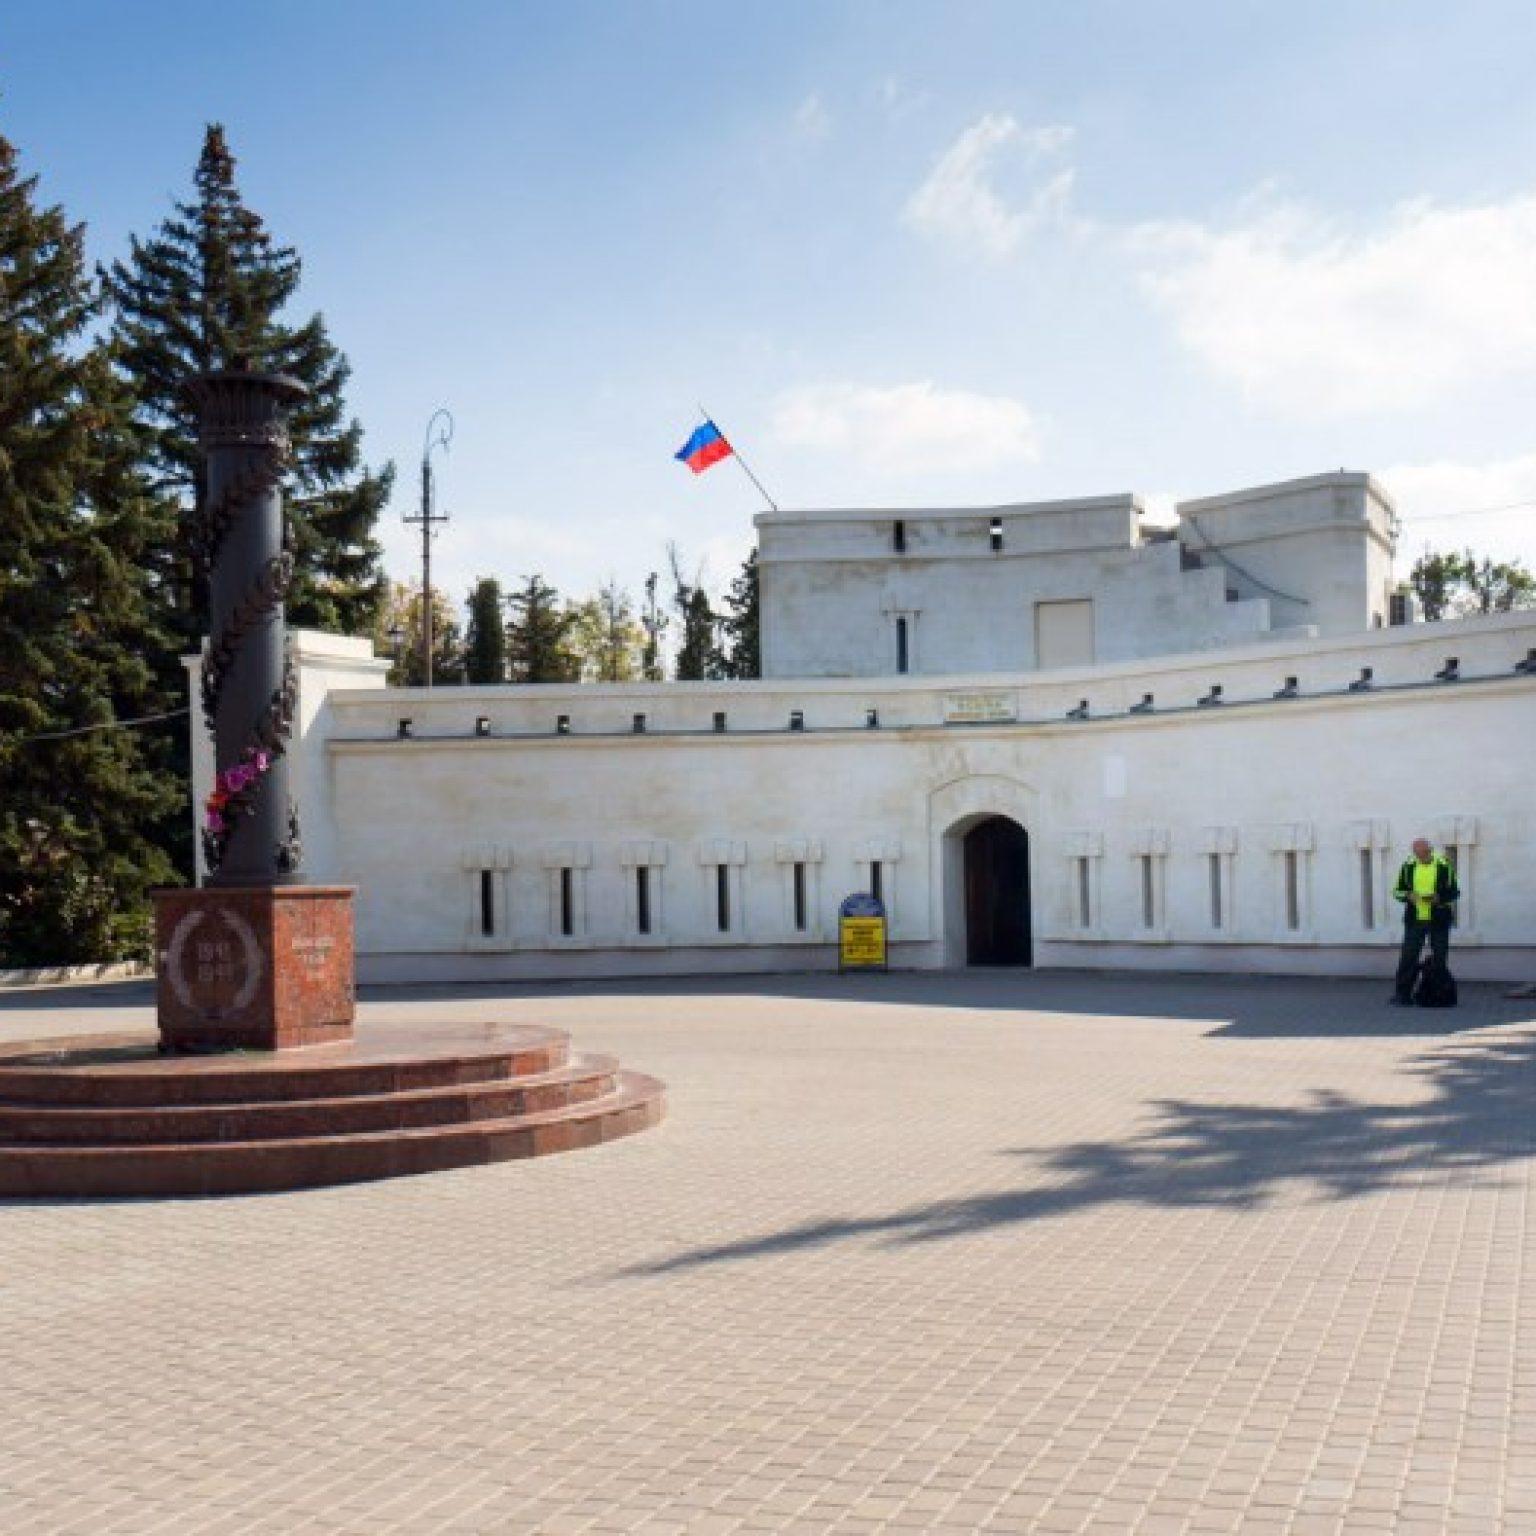 Достопримечательности Севастополя - Малахов курган